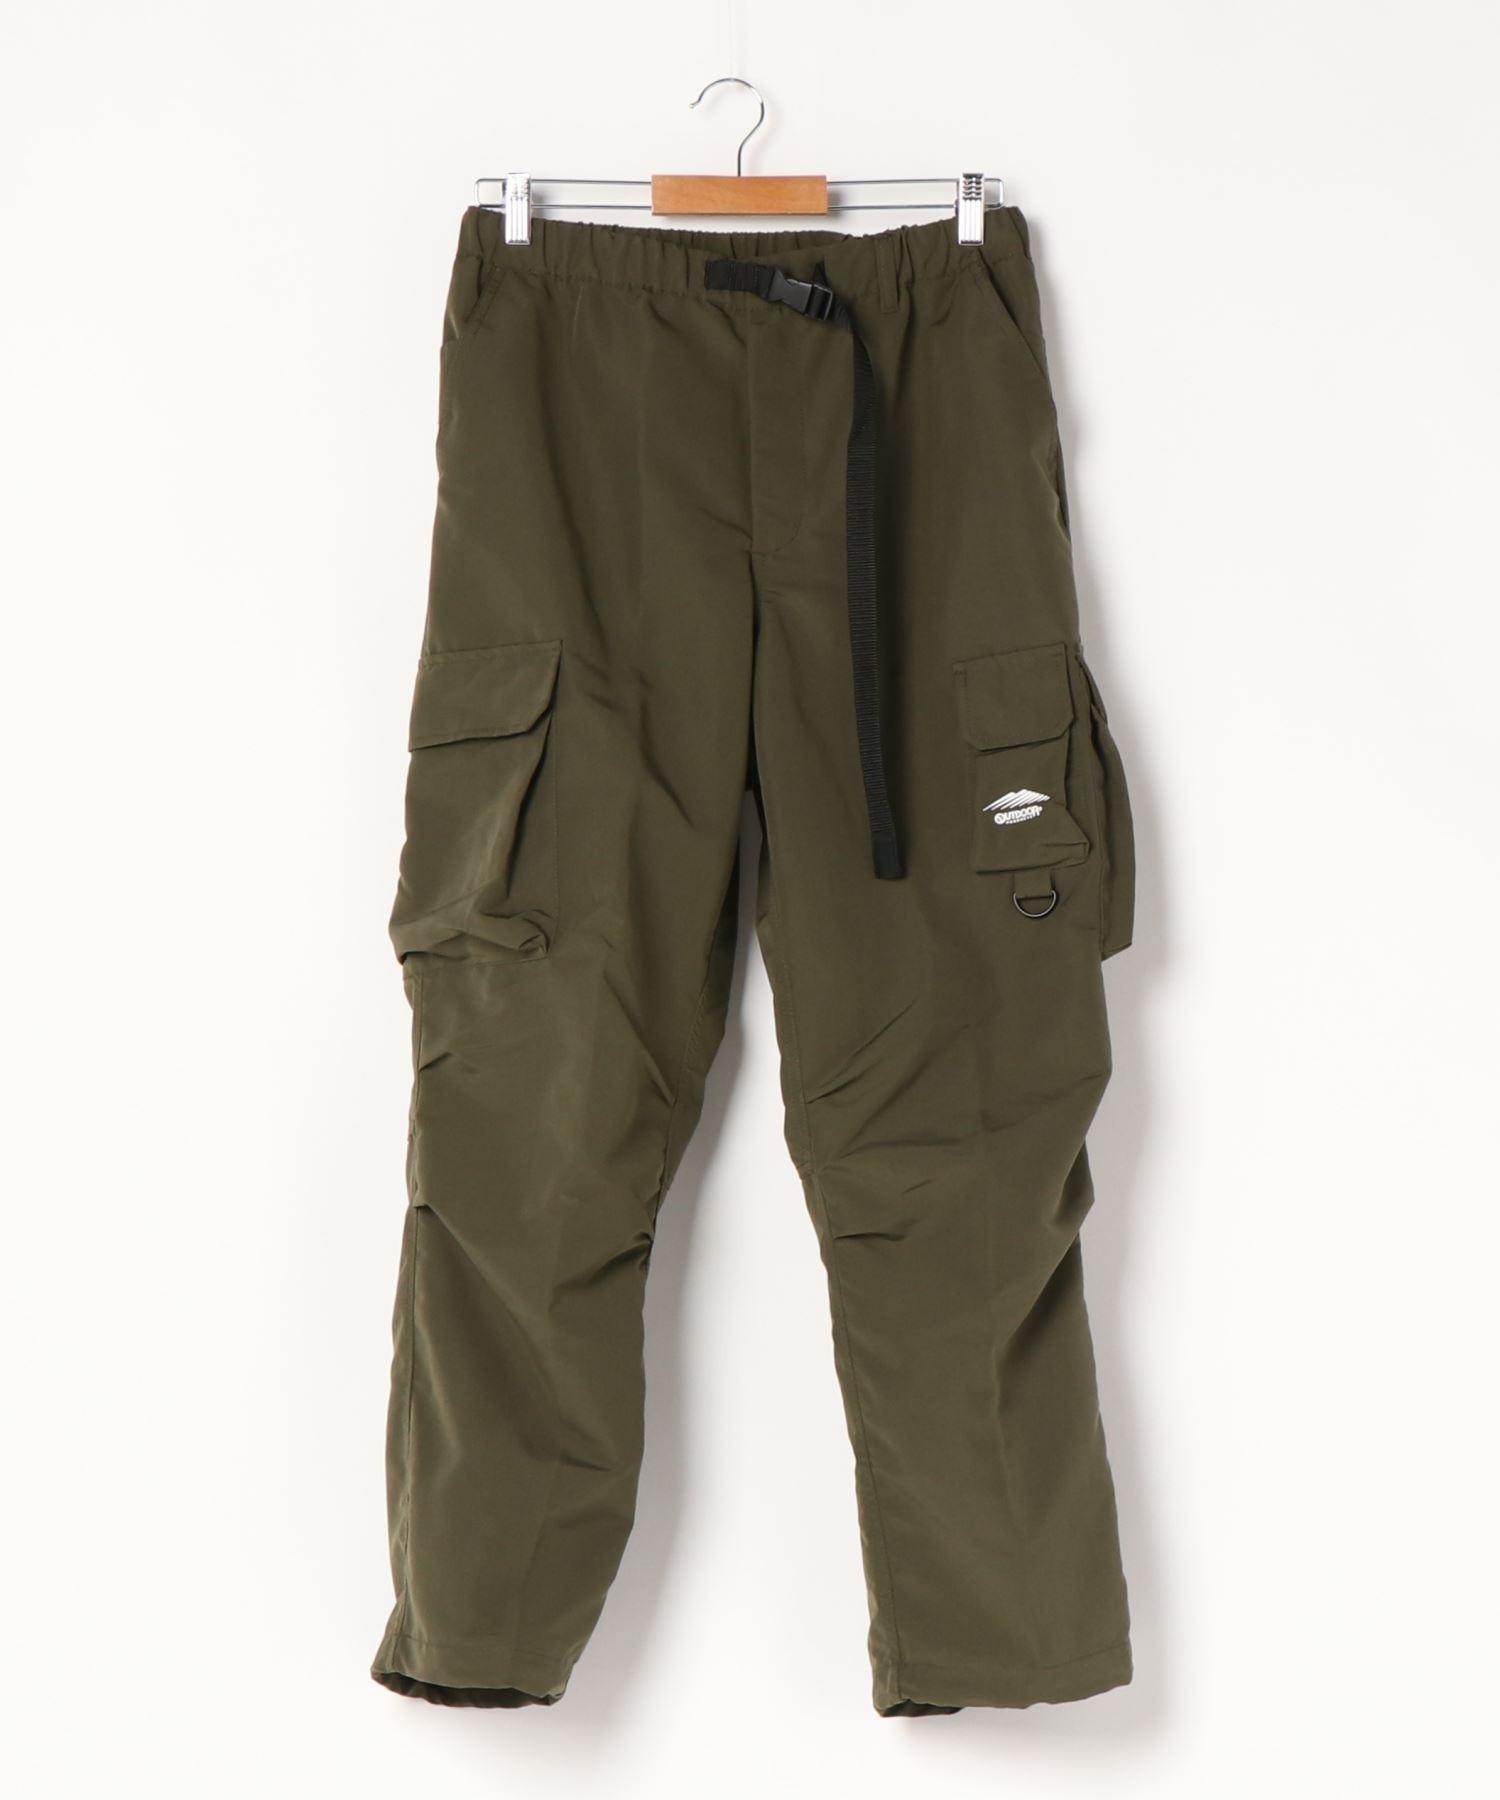 難燃カーゴパンツ 撥水  着るBAGシリーズ  ポケット10個  収納力抜群 裾スピンドル仕様